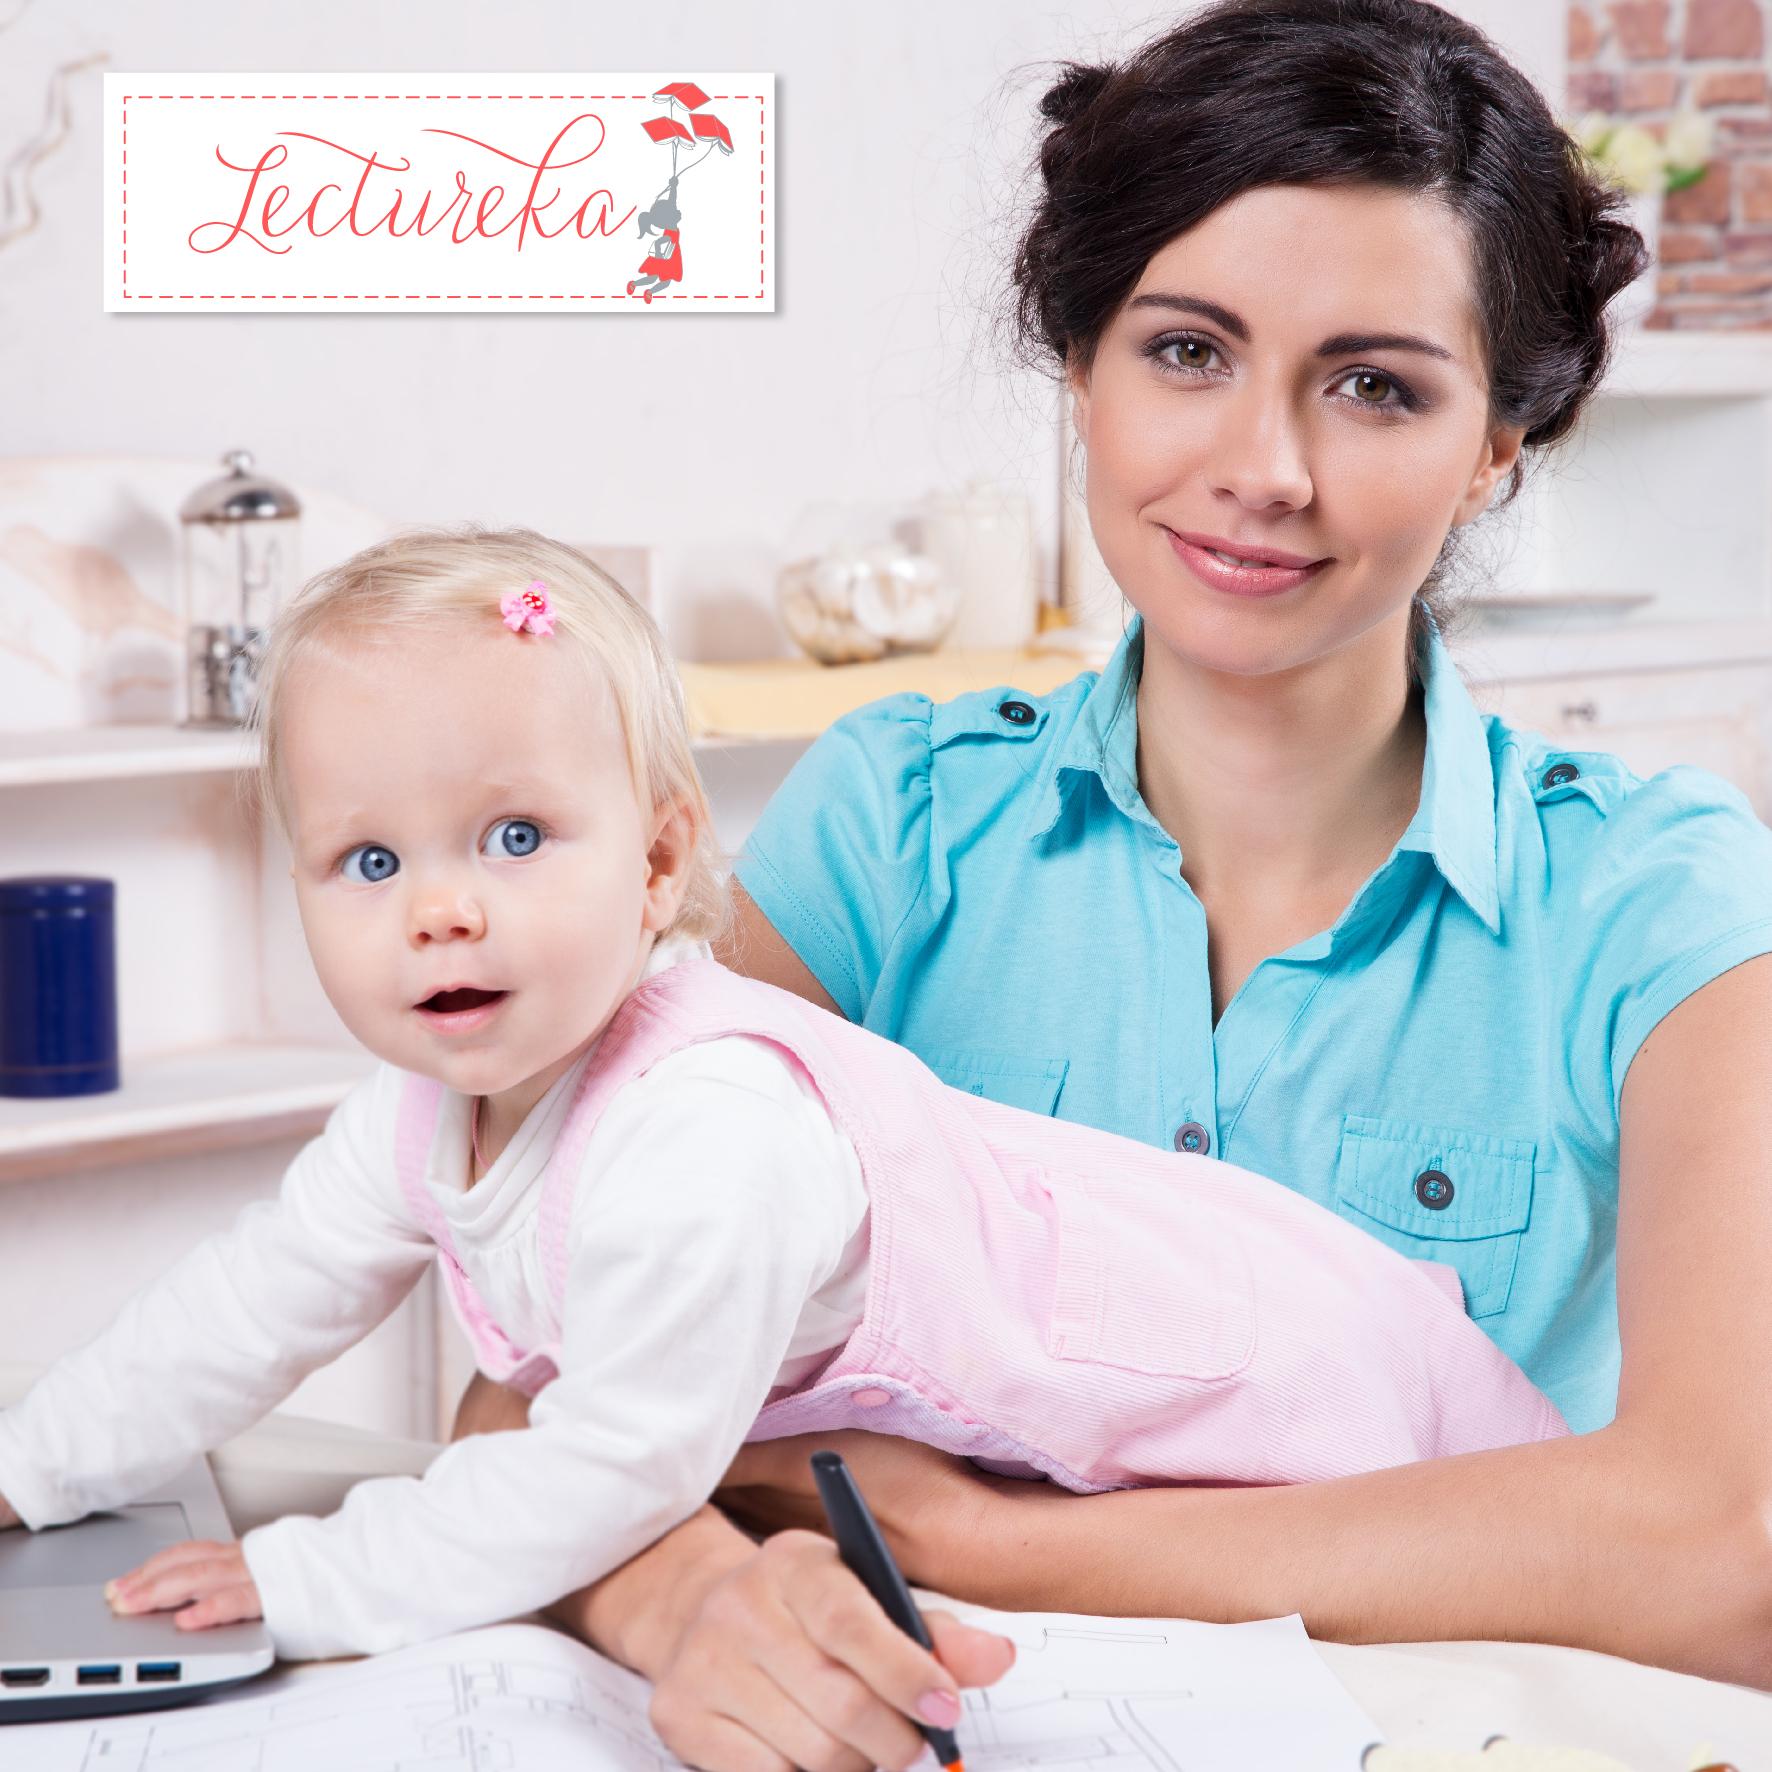 Lectureka recomienda libros para mamás